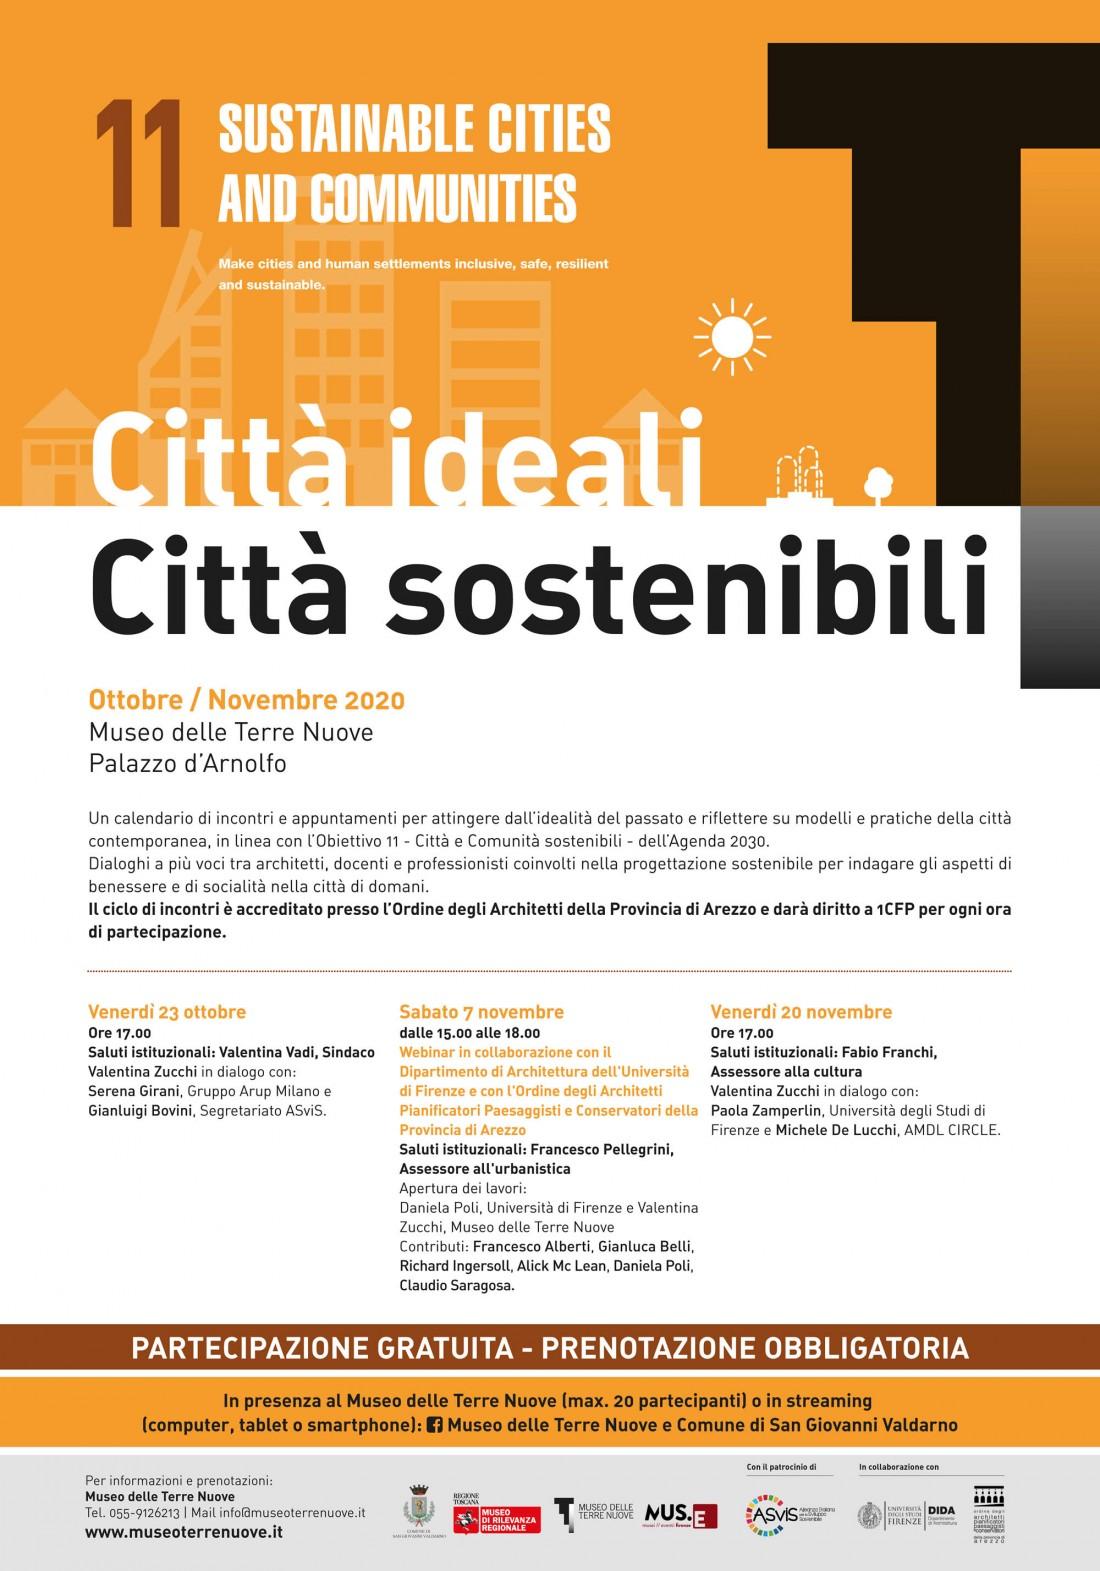 Manifesto_MTN_città ideali